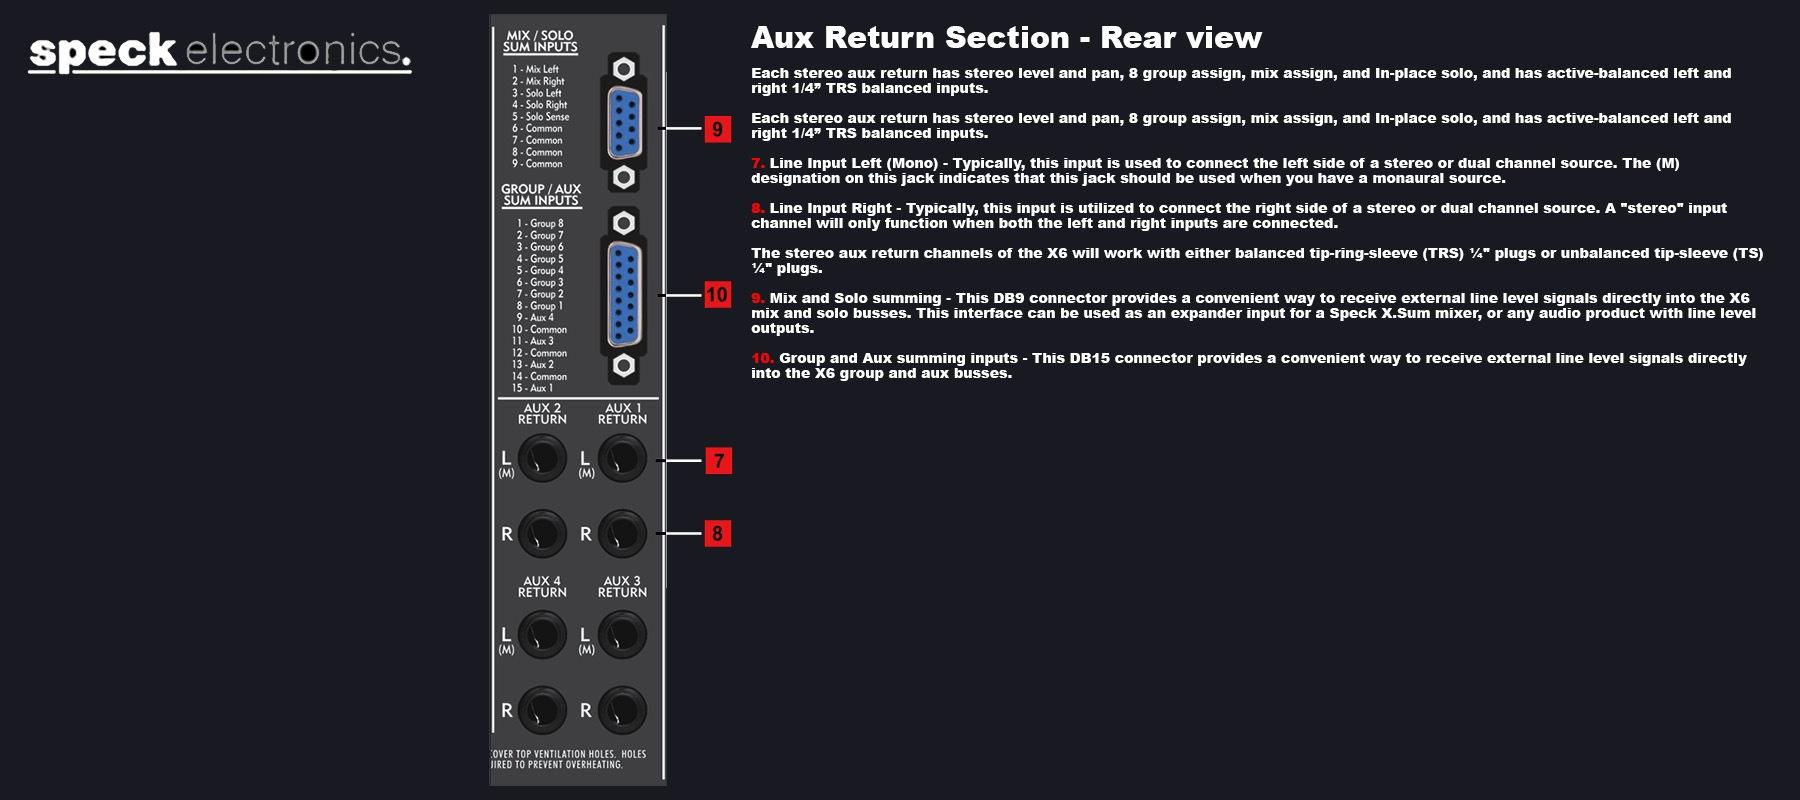 Speck Electronics Xtramix X6 - AUX Return Section Back